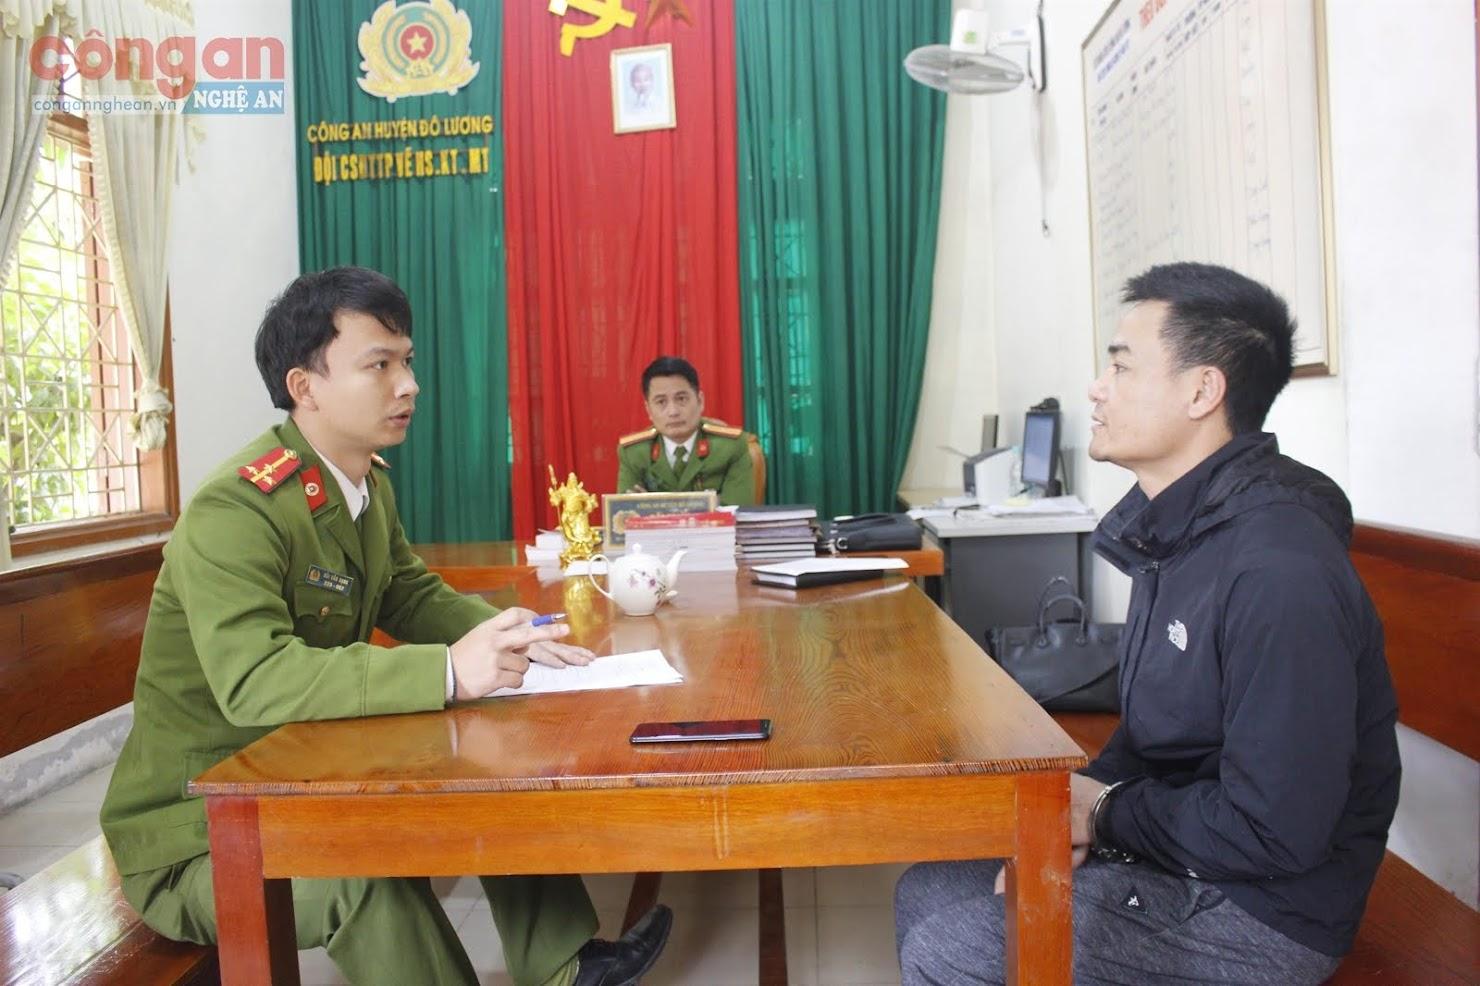 Cán bộ Công an huyện Đô Lương lấy lời khai đối tượng vi phạm về TTXH